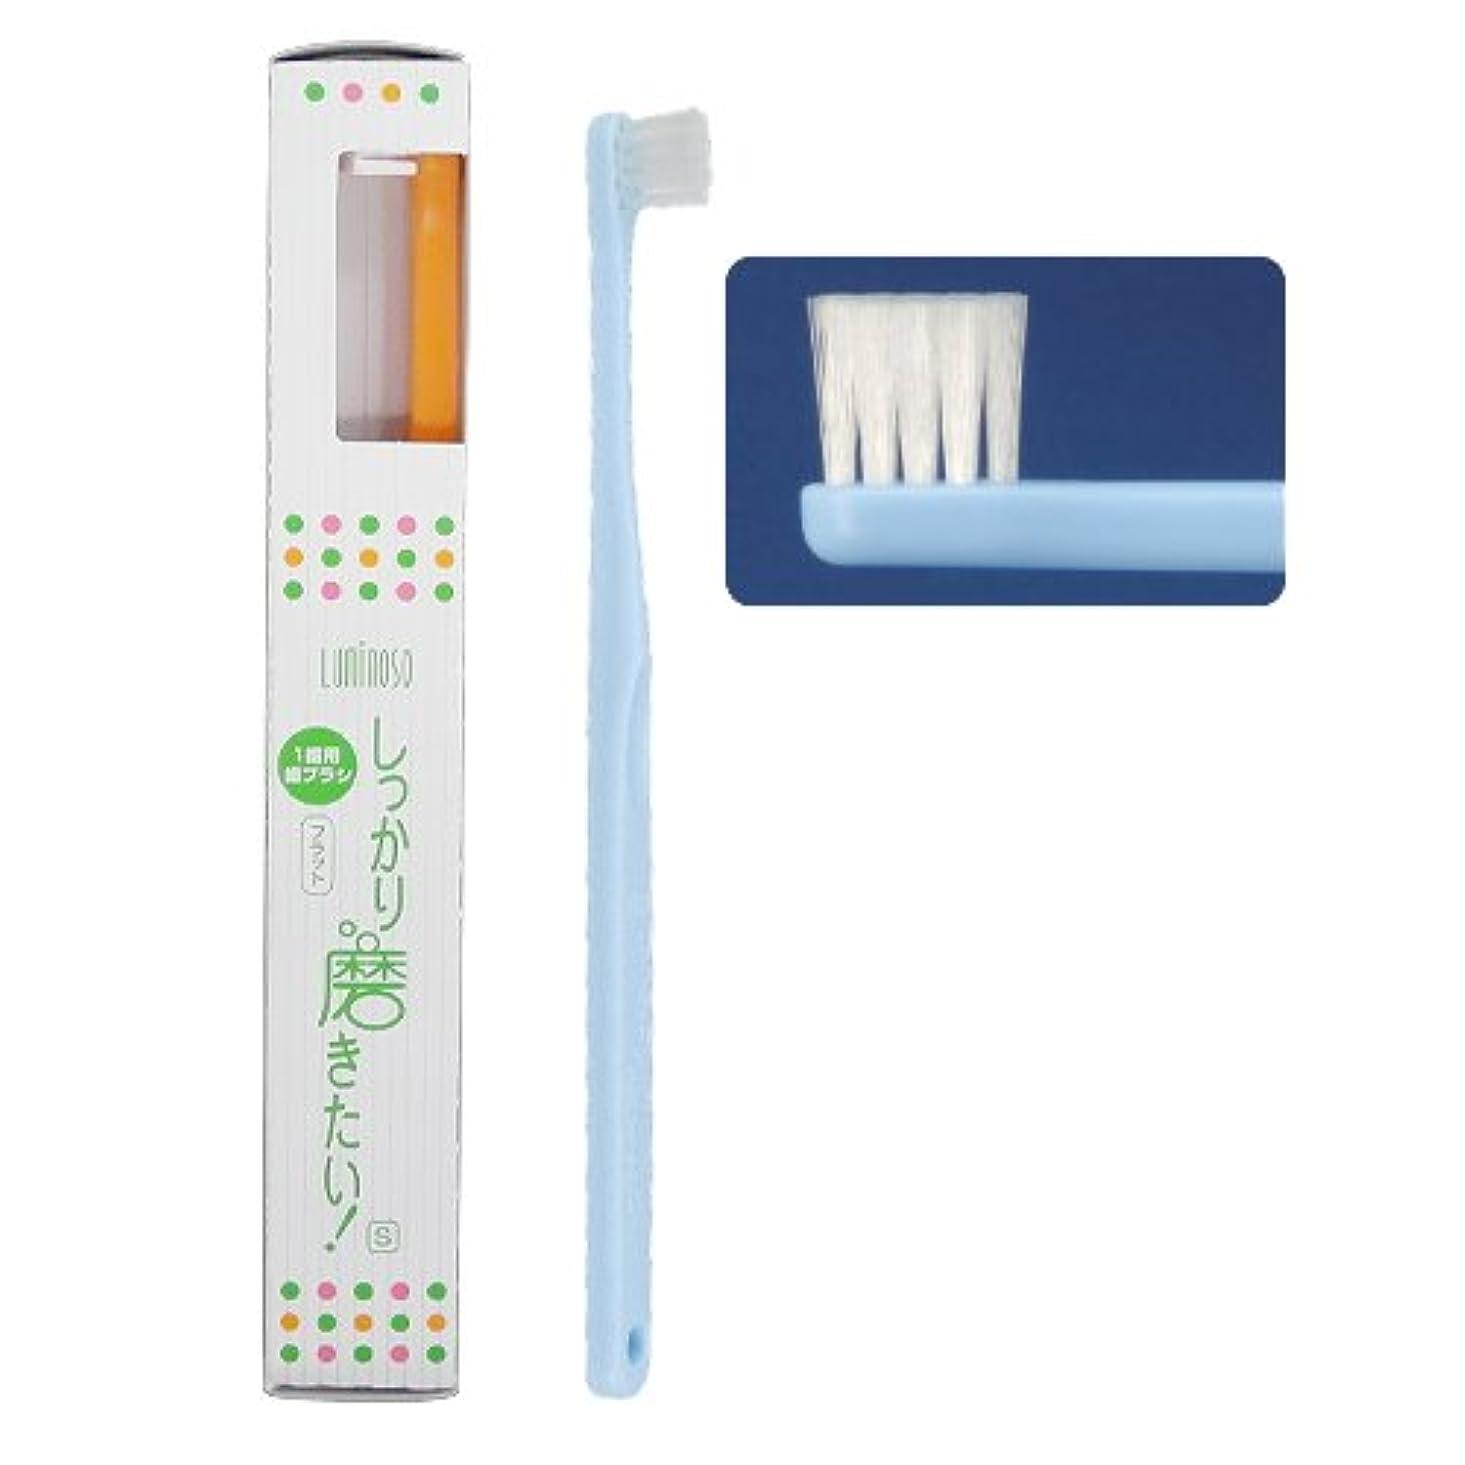 観点誇りに思う不可能なルミノソ 1歯用歯ブラシ 「しっかり磨きたい!」 フラット/ソフト